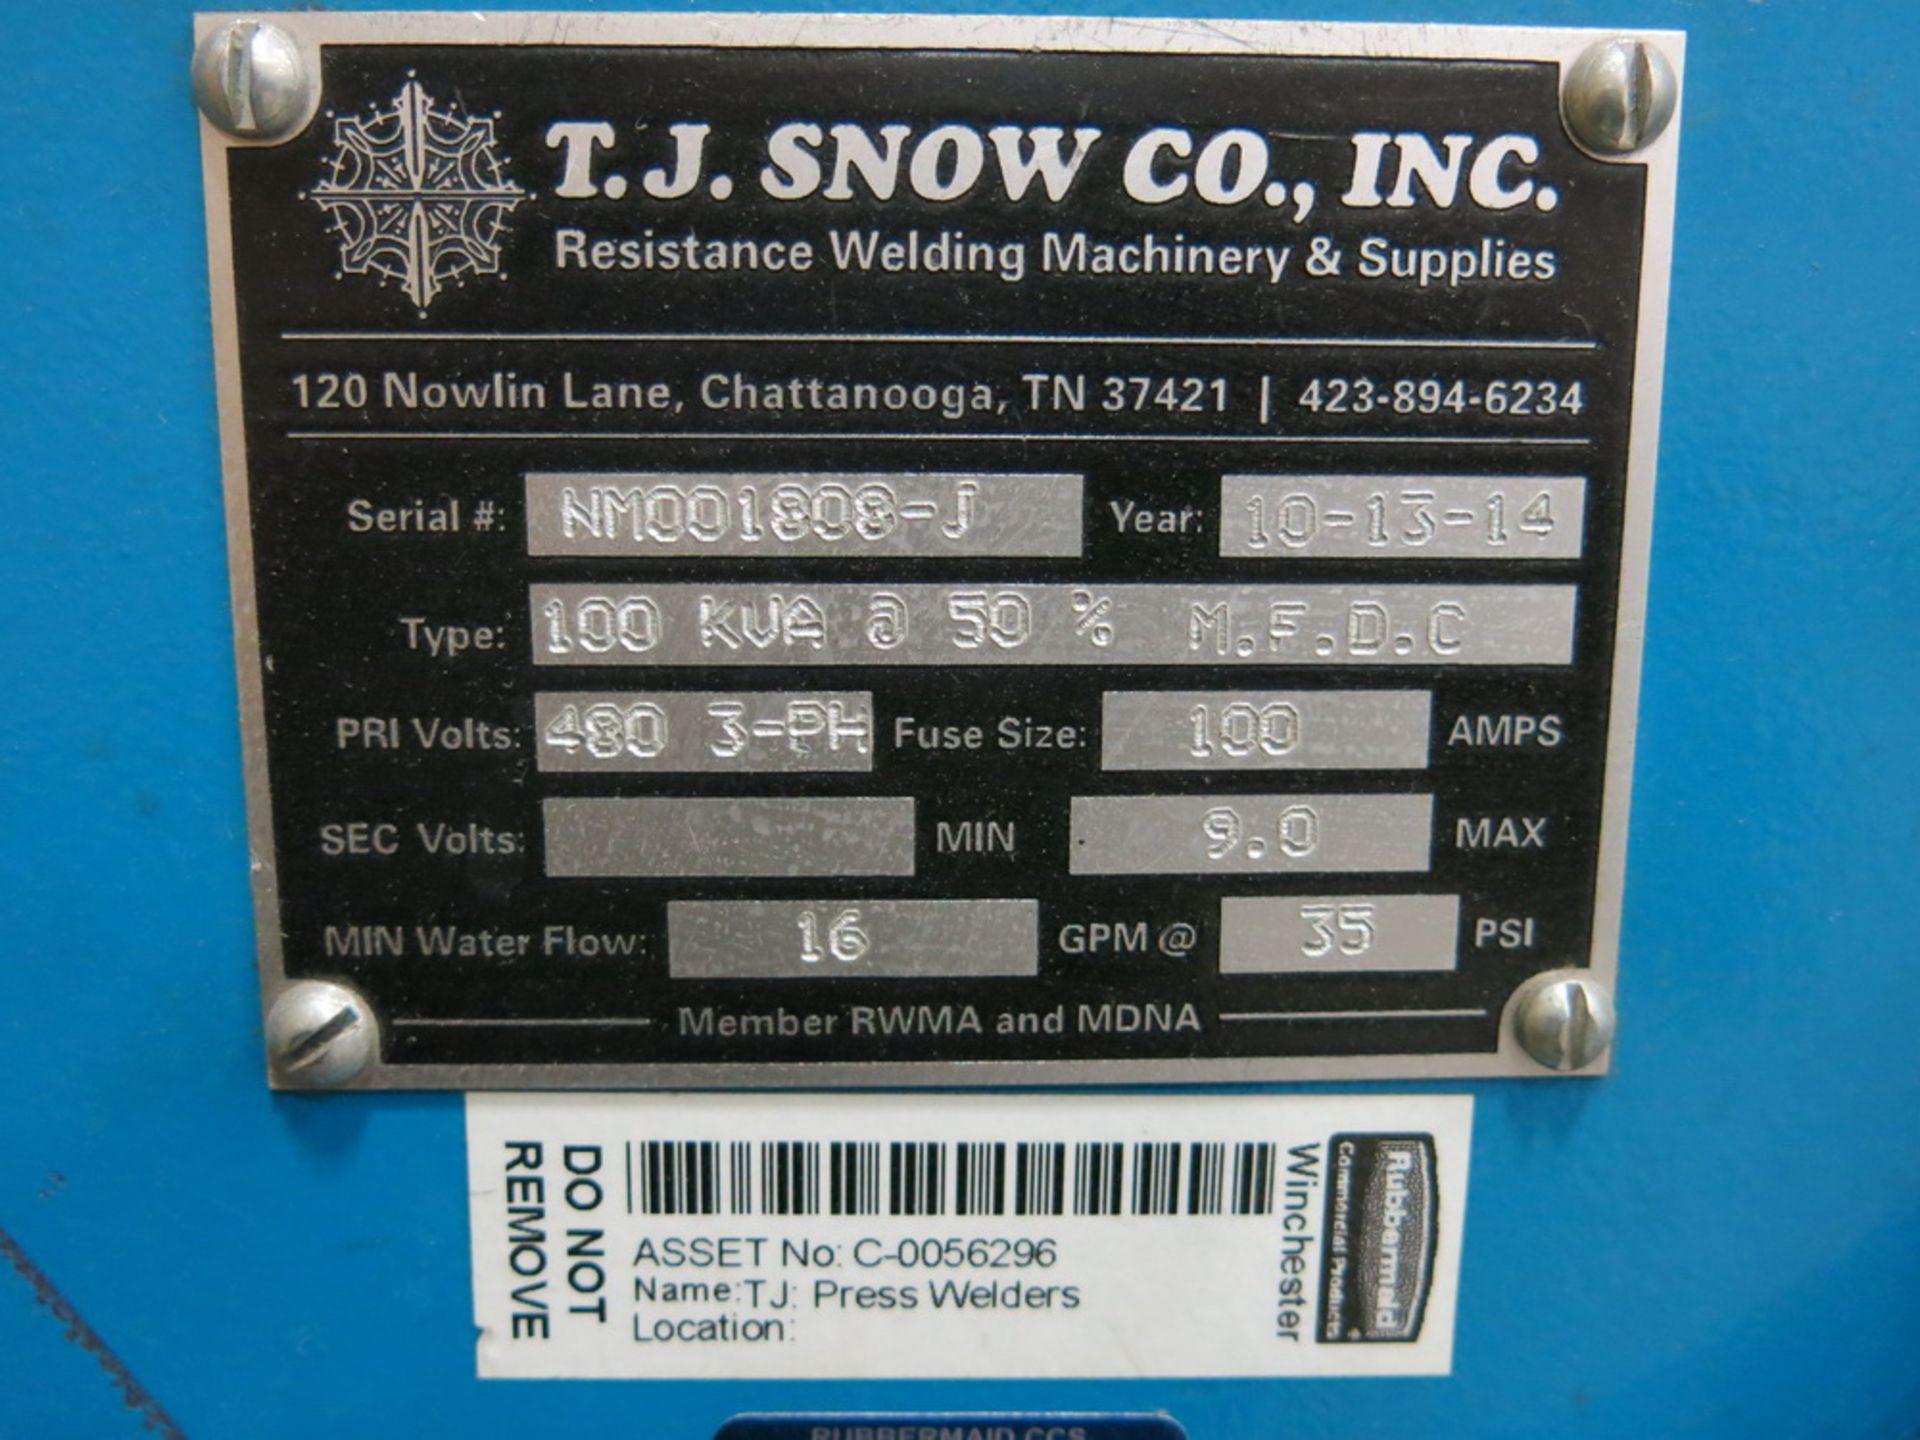 Lot 30 - 2014 T.J. Snow 100 KVA @ 50 Percent M.F.D.C. Dual Head Spot Welder